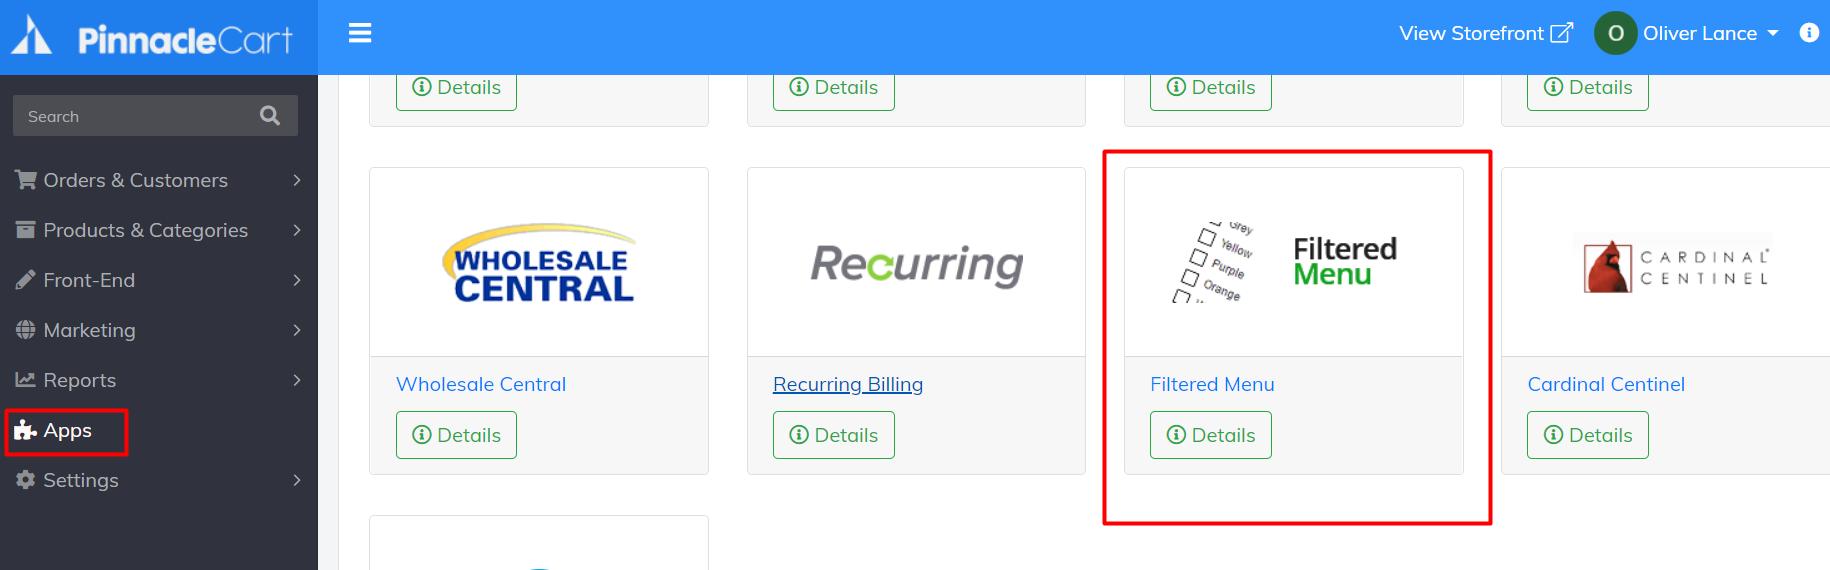 filtered-menu-app